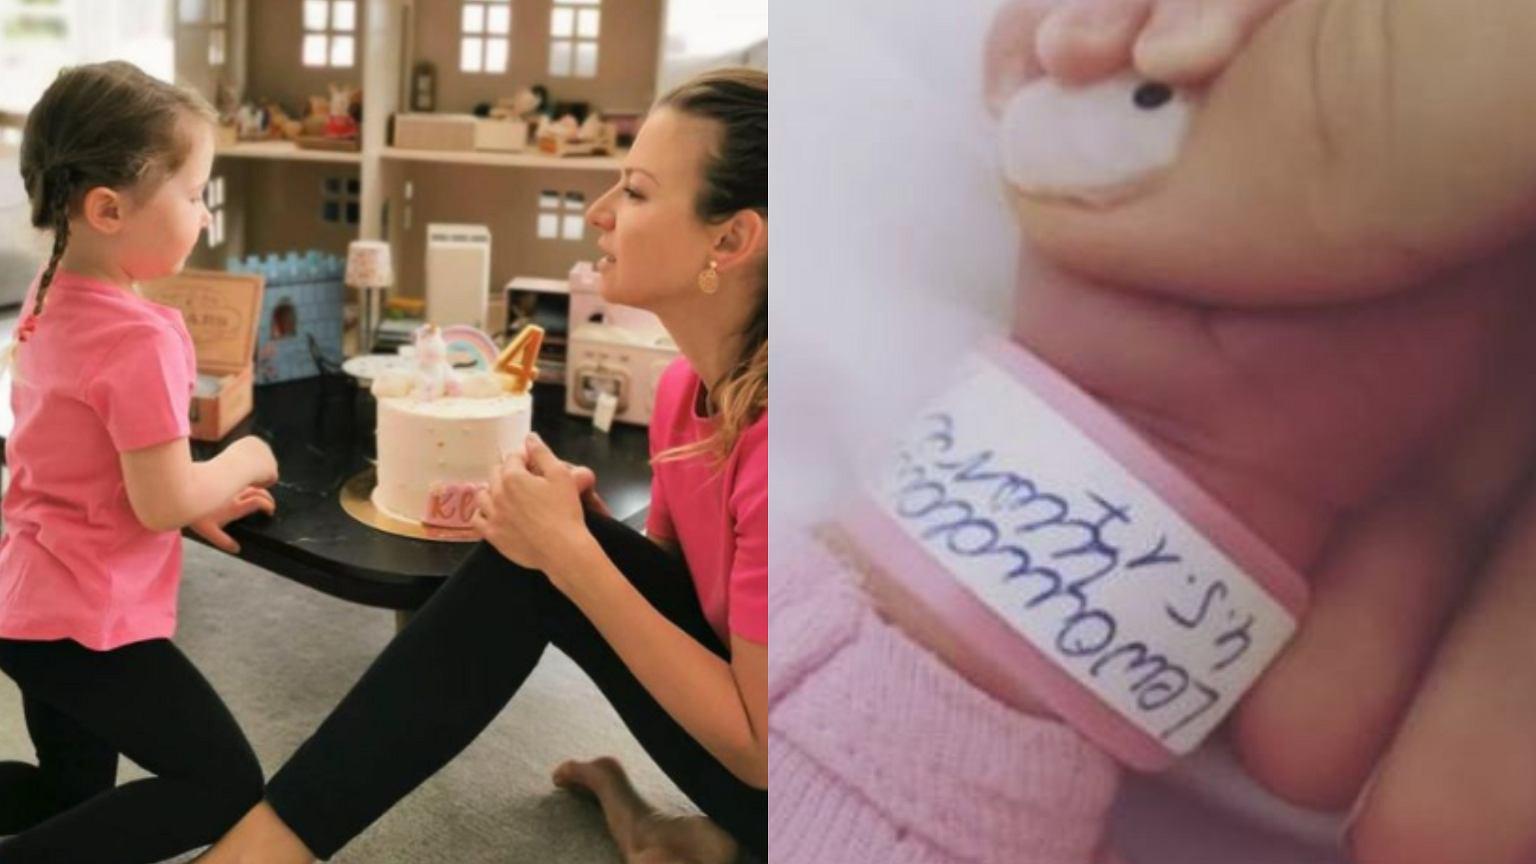 Klara skończyła cztery lata. Anna Lewandowska dodała niepublikowane zdjęcia z porodówki